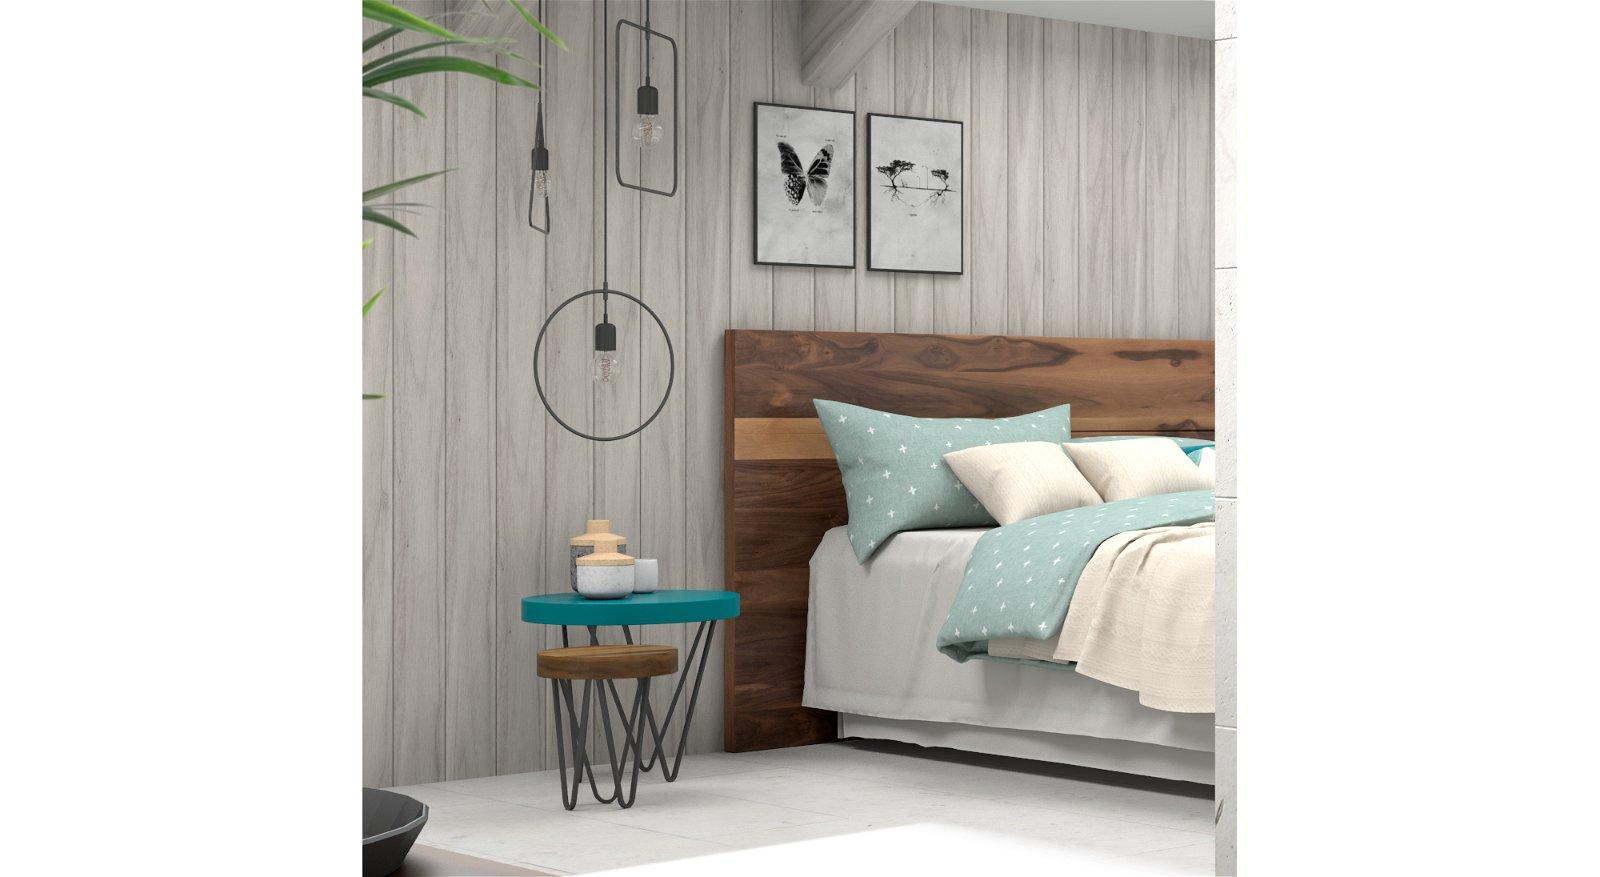 Dormitorio industrial Loft III